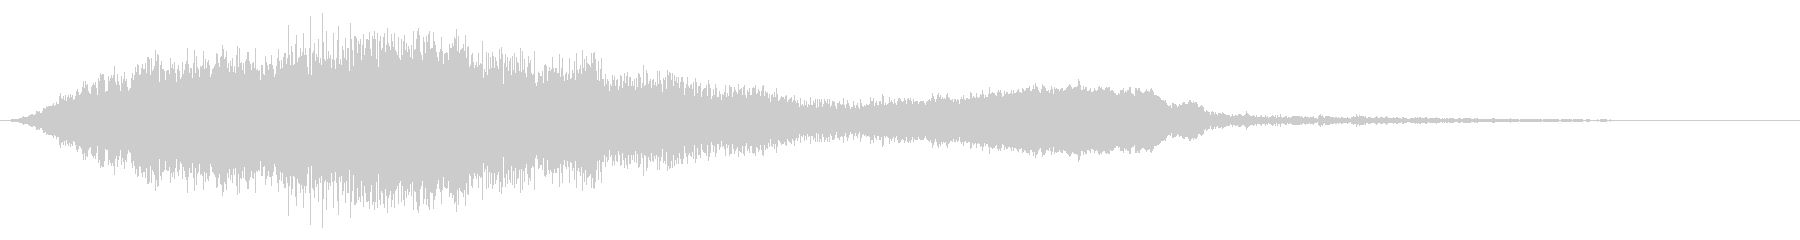 空間異常1の未再生の波形